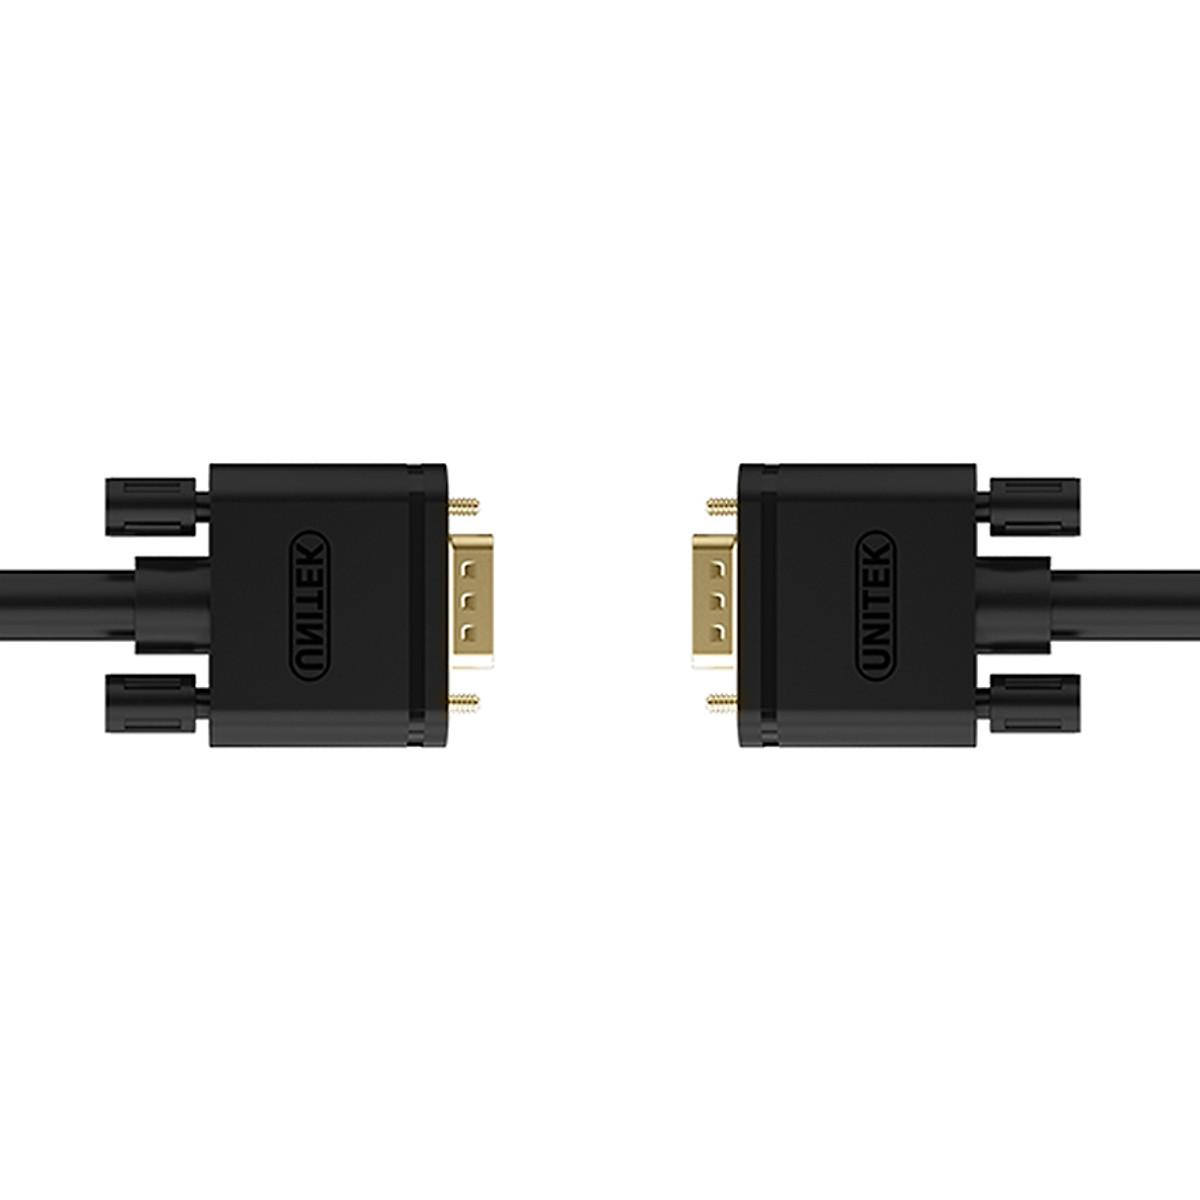 Cáp màn hình VGA 10m Unitek (Model Y-C506A ) - Hàng Chính Hãng